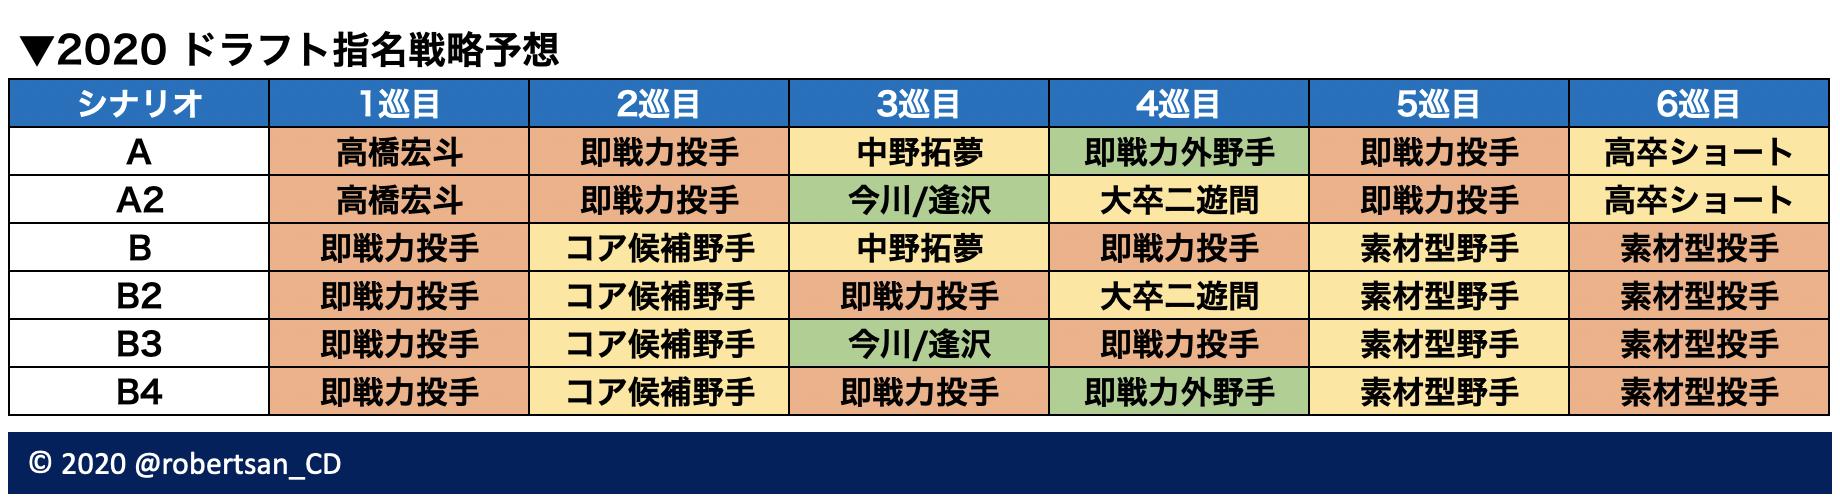 2020 ドラフト 2020年度新人選手選択会議 (日本プロ野球)